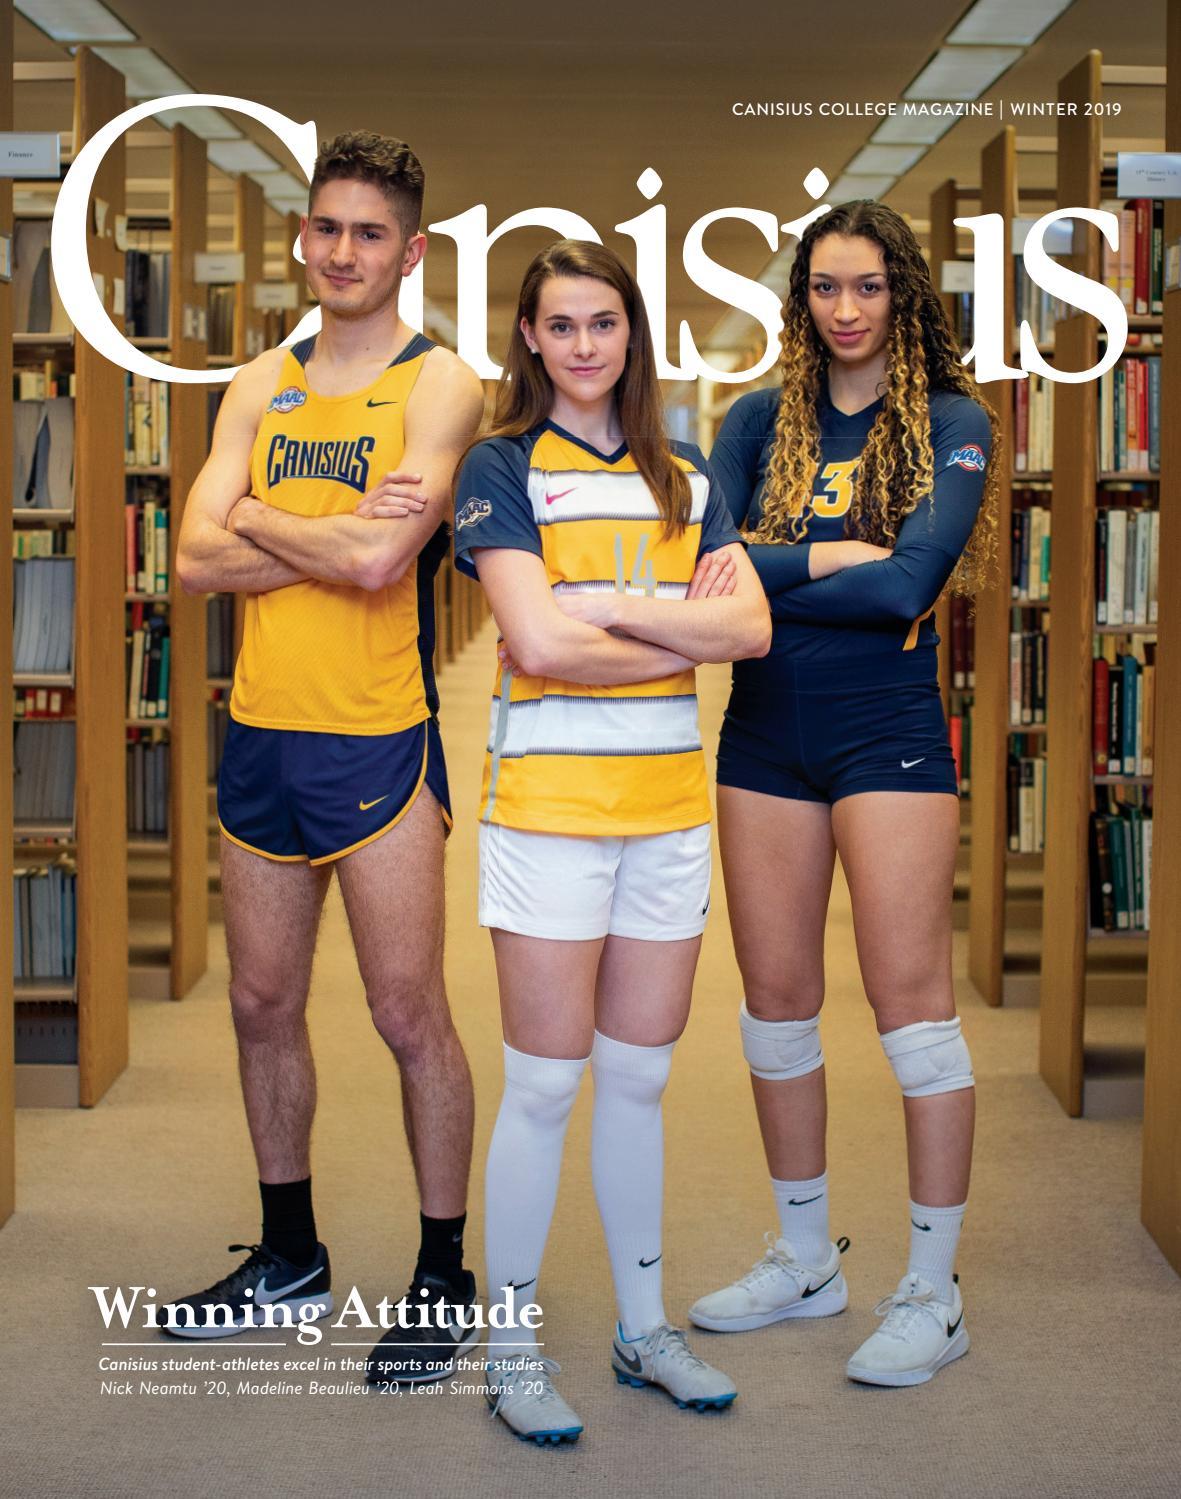 8eb56b0fc Canisius Magazine- Winter 2019 by Canisius College - issuu